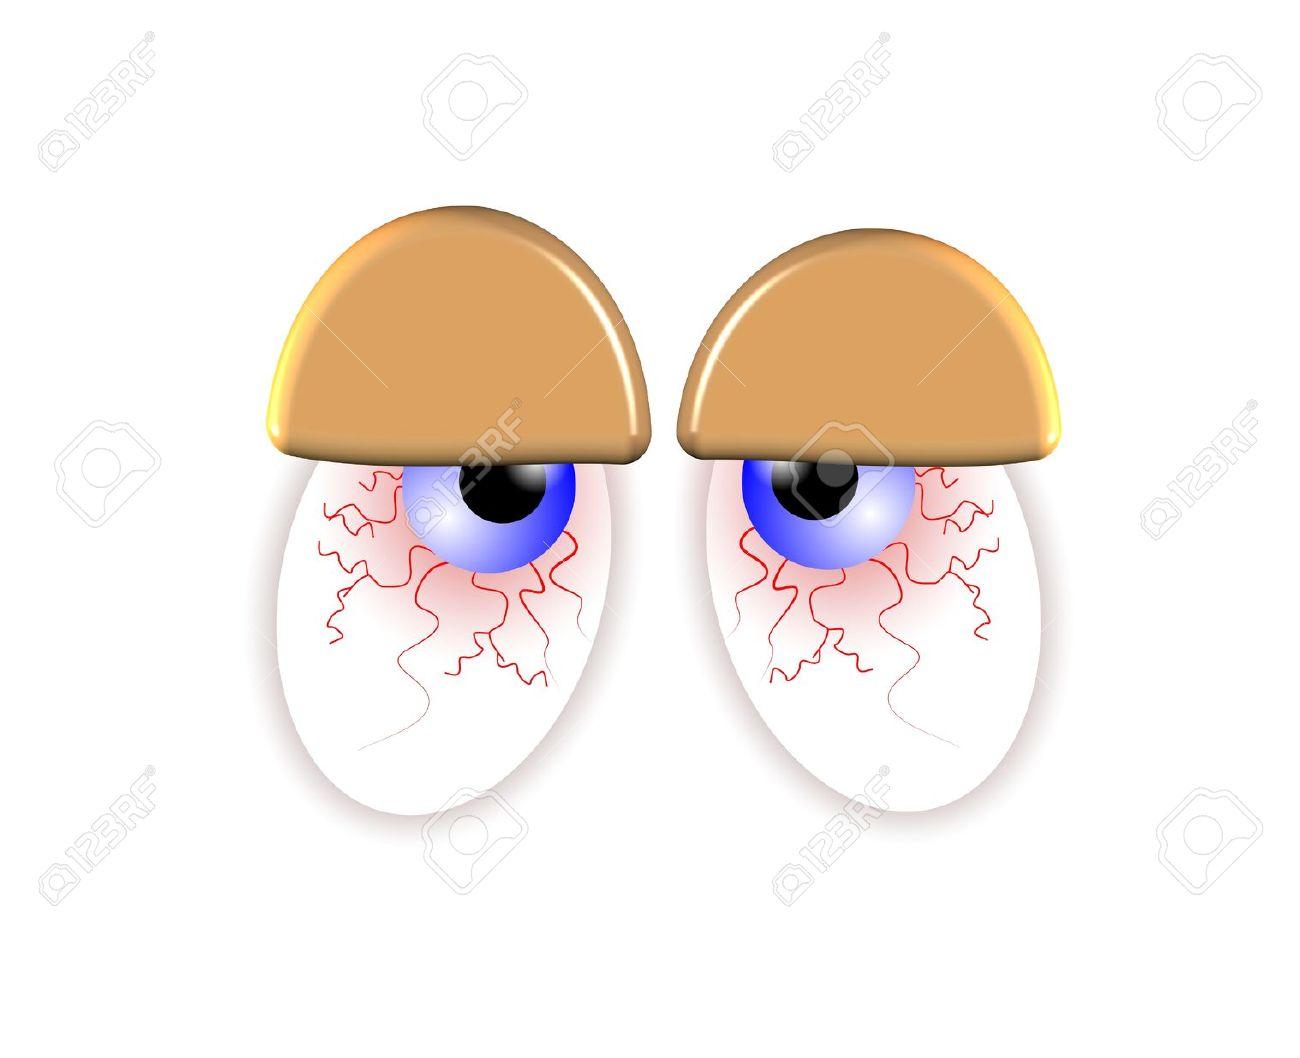 Eyes diseases clipart.